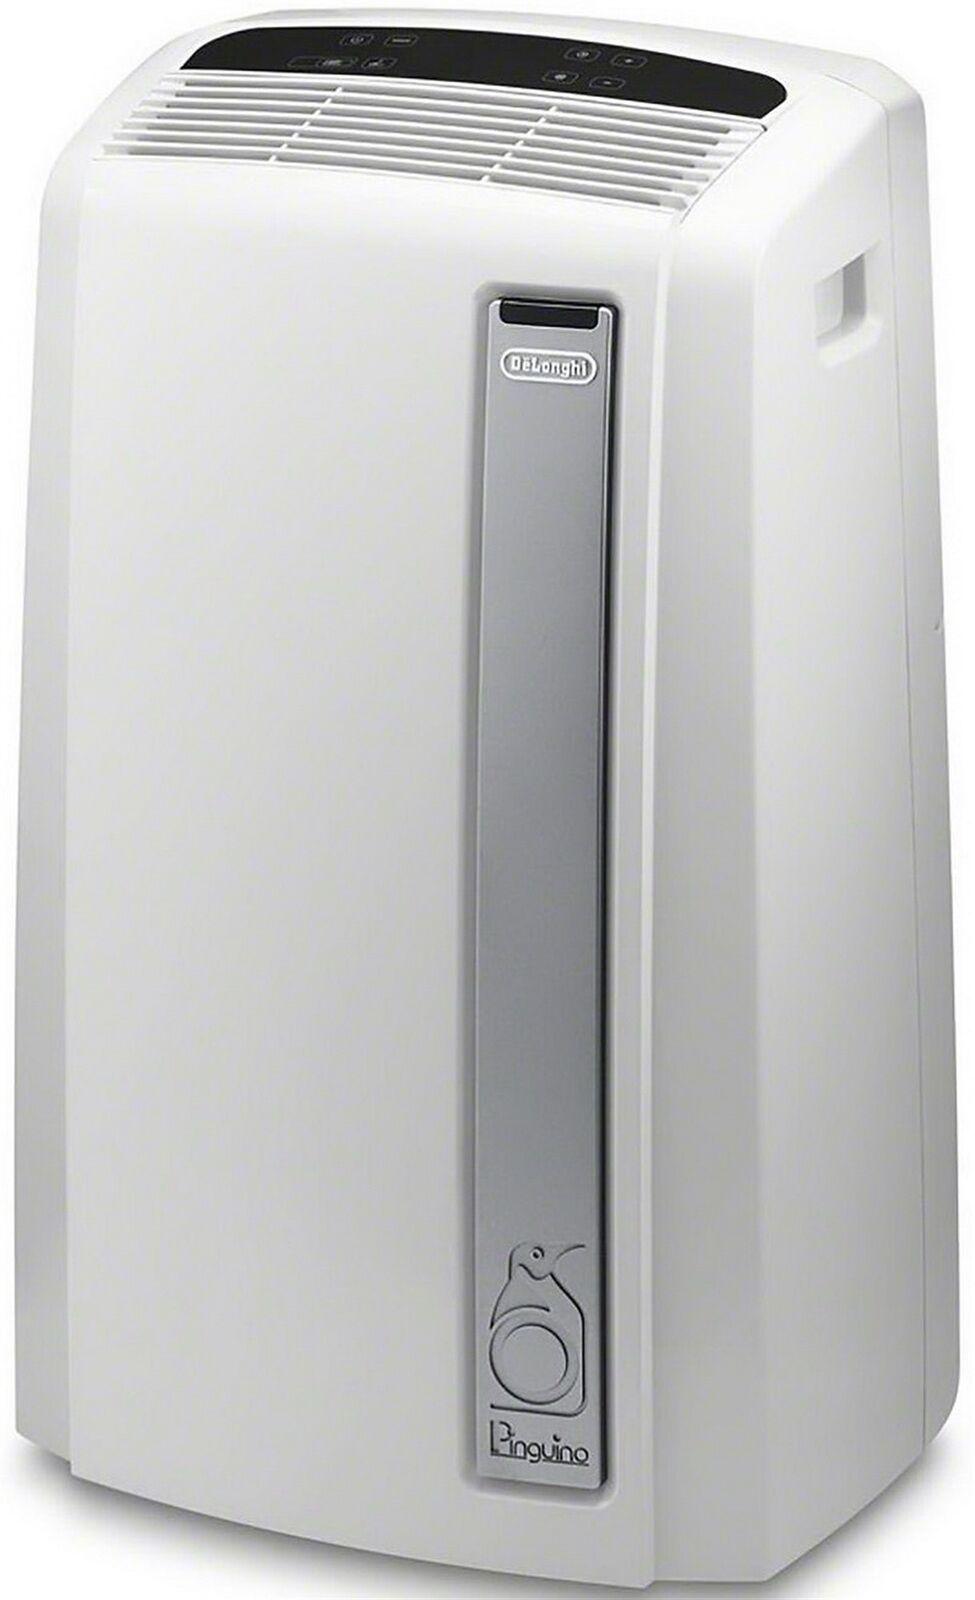 DeLonghi 12,000 BTU Portable Room Air Conditioner 500 Sq Ft